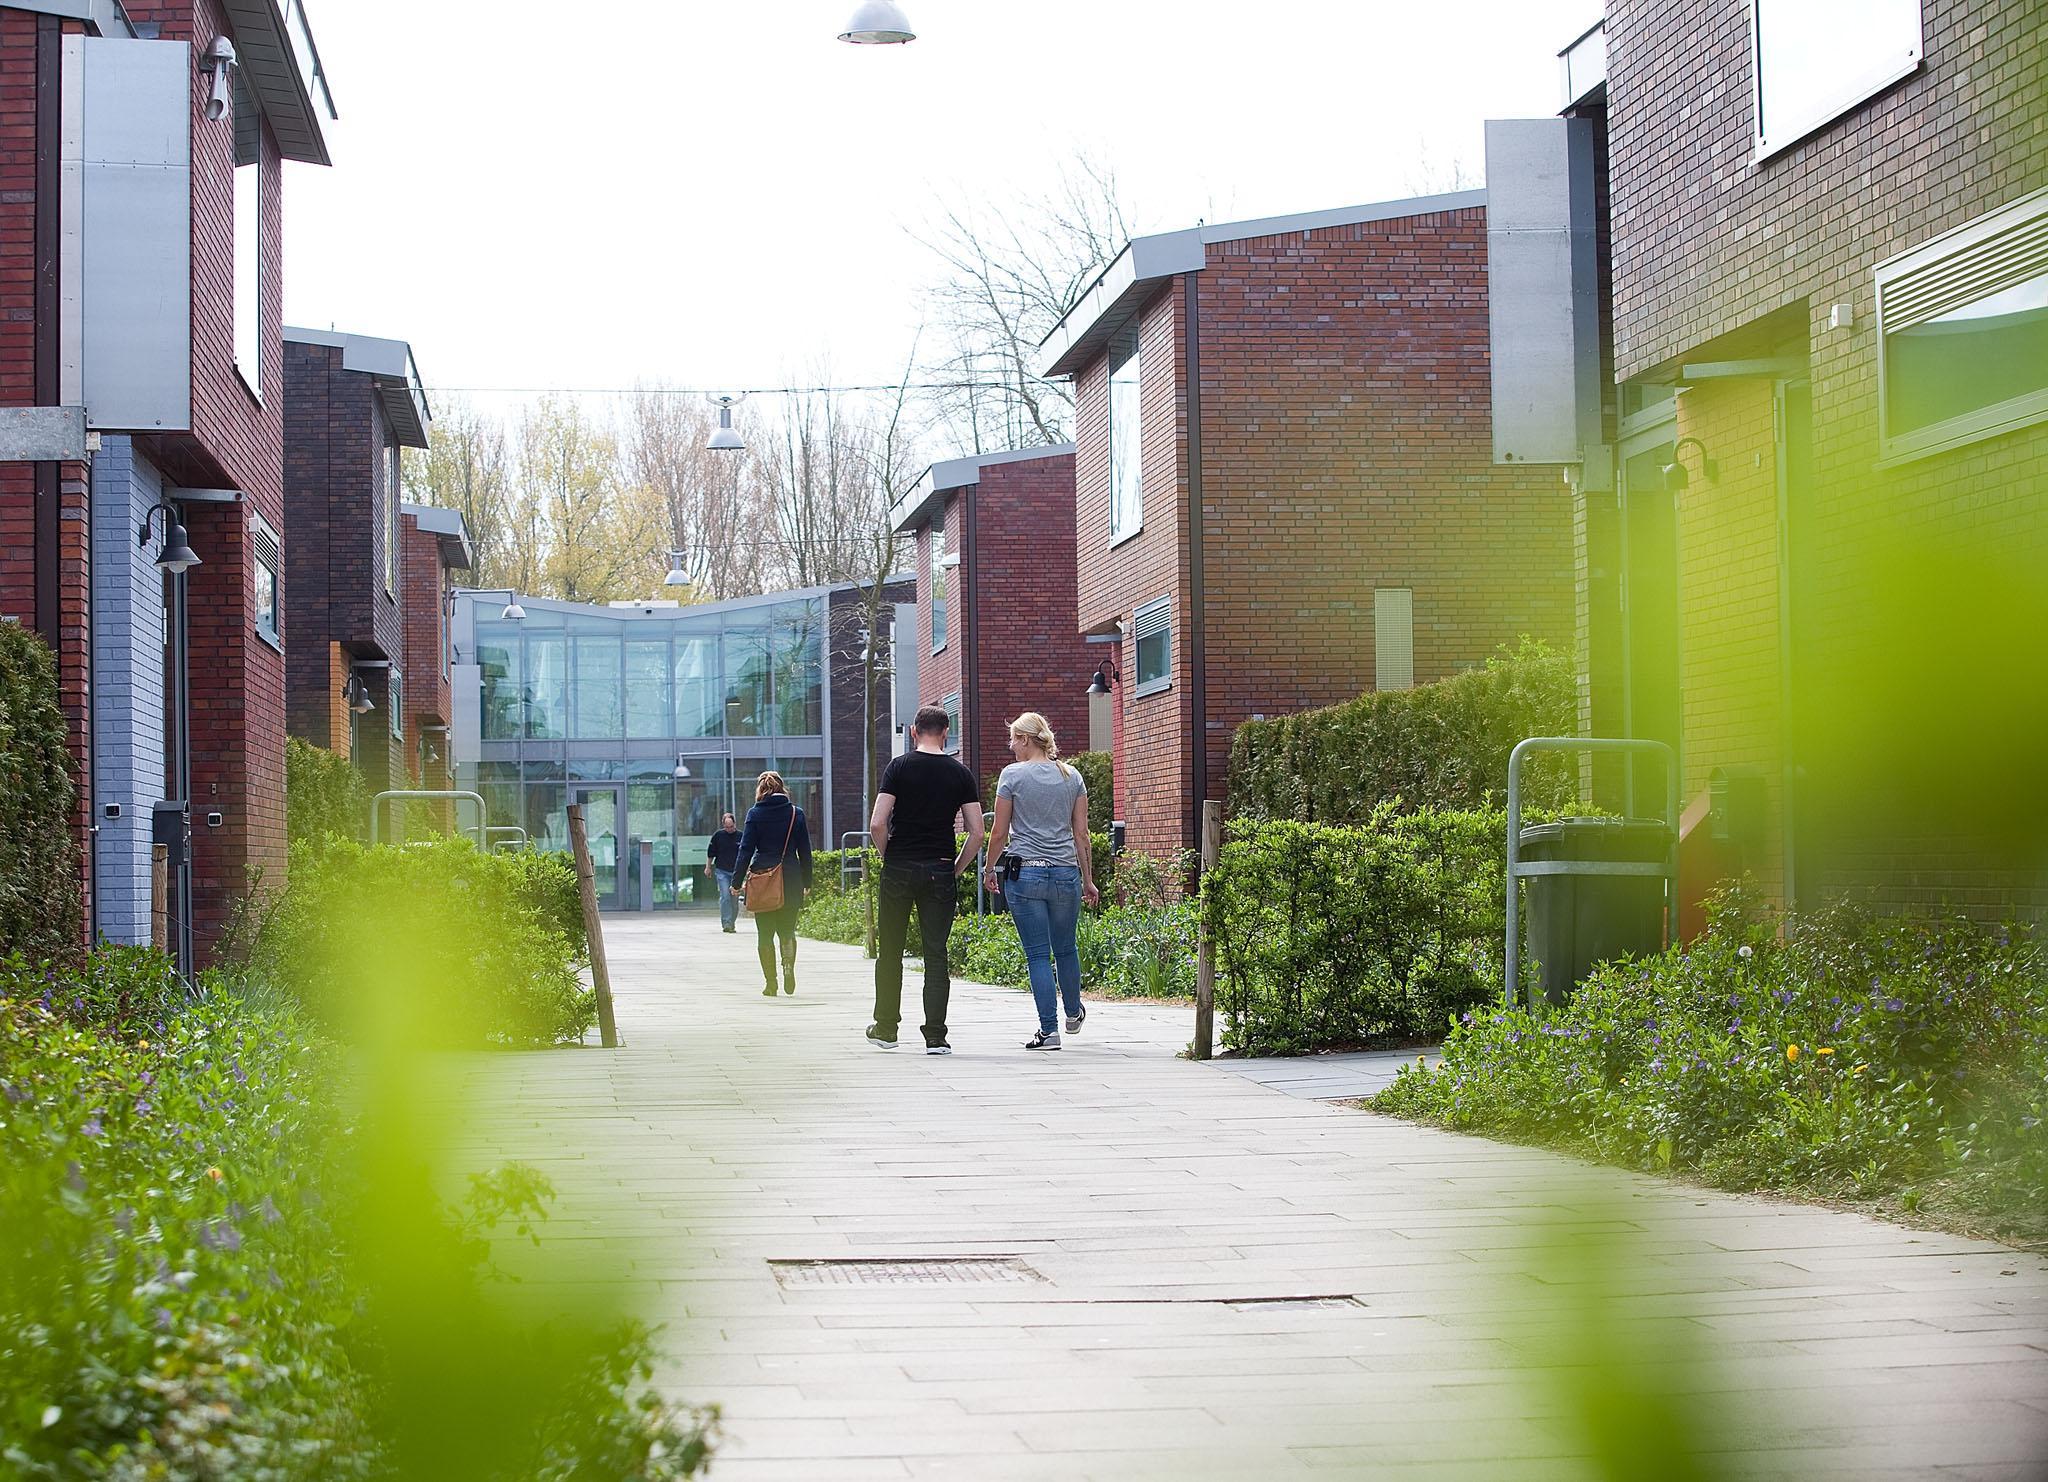 Zon schijnt na crisis weer bij Transferium in Heerhugowaard: behandelgroepen druppelen vol, jeugdinstelling heeft 30 vacatures